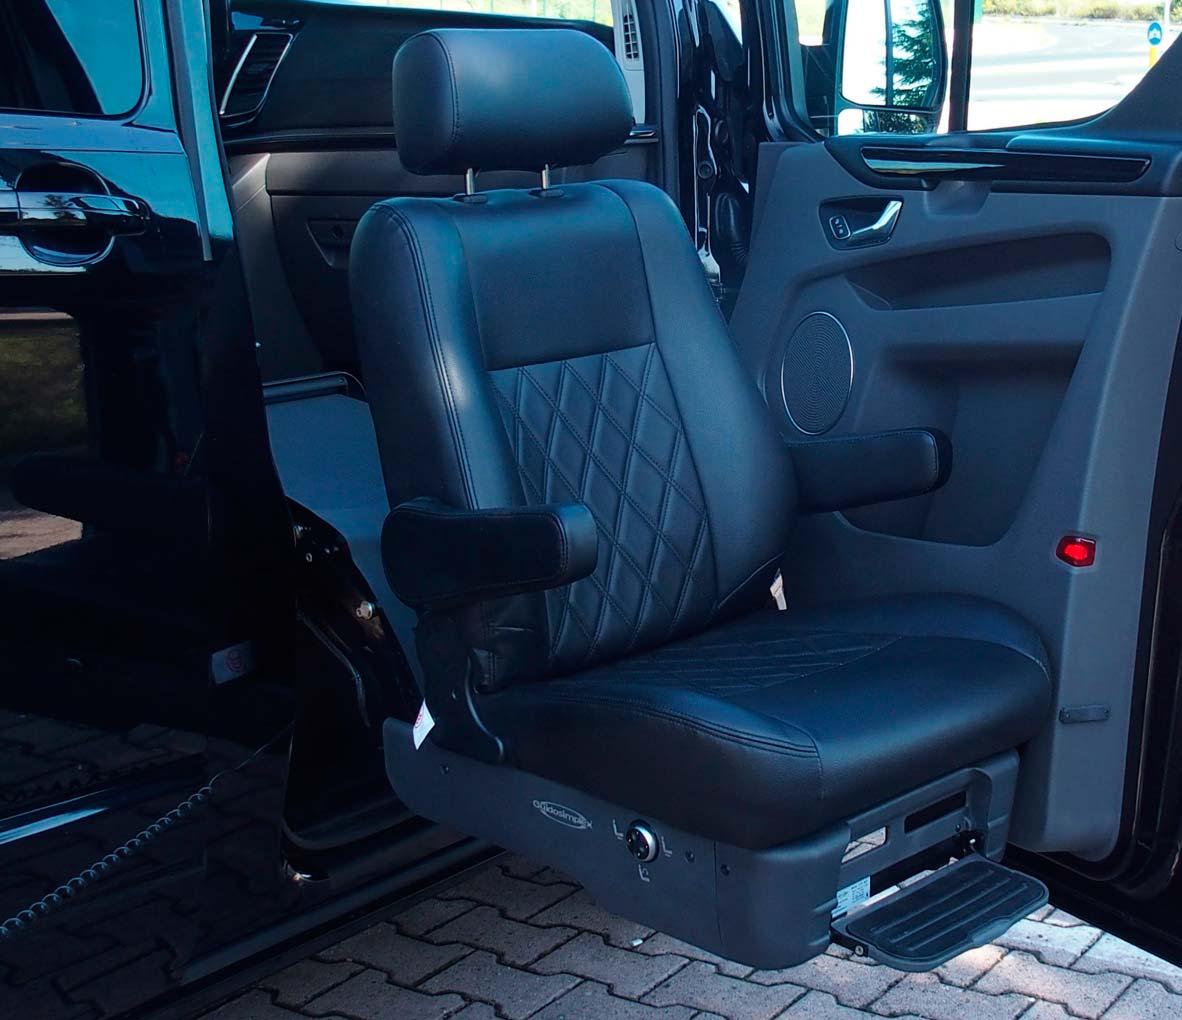 D-Tran Sistema de embarque pasajeros en silla de ruedas discapacitados